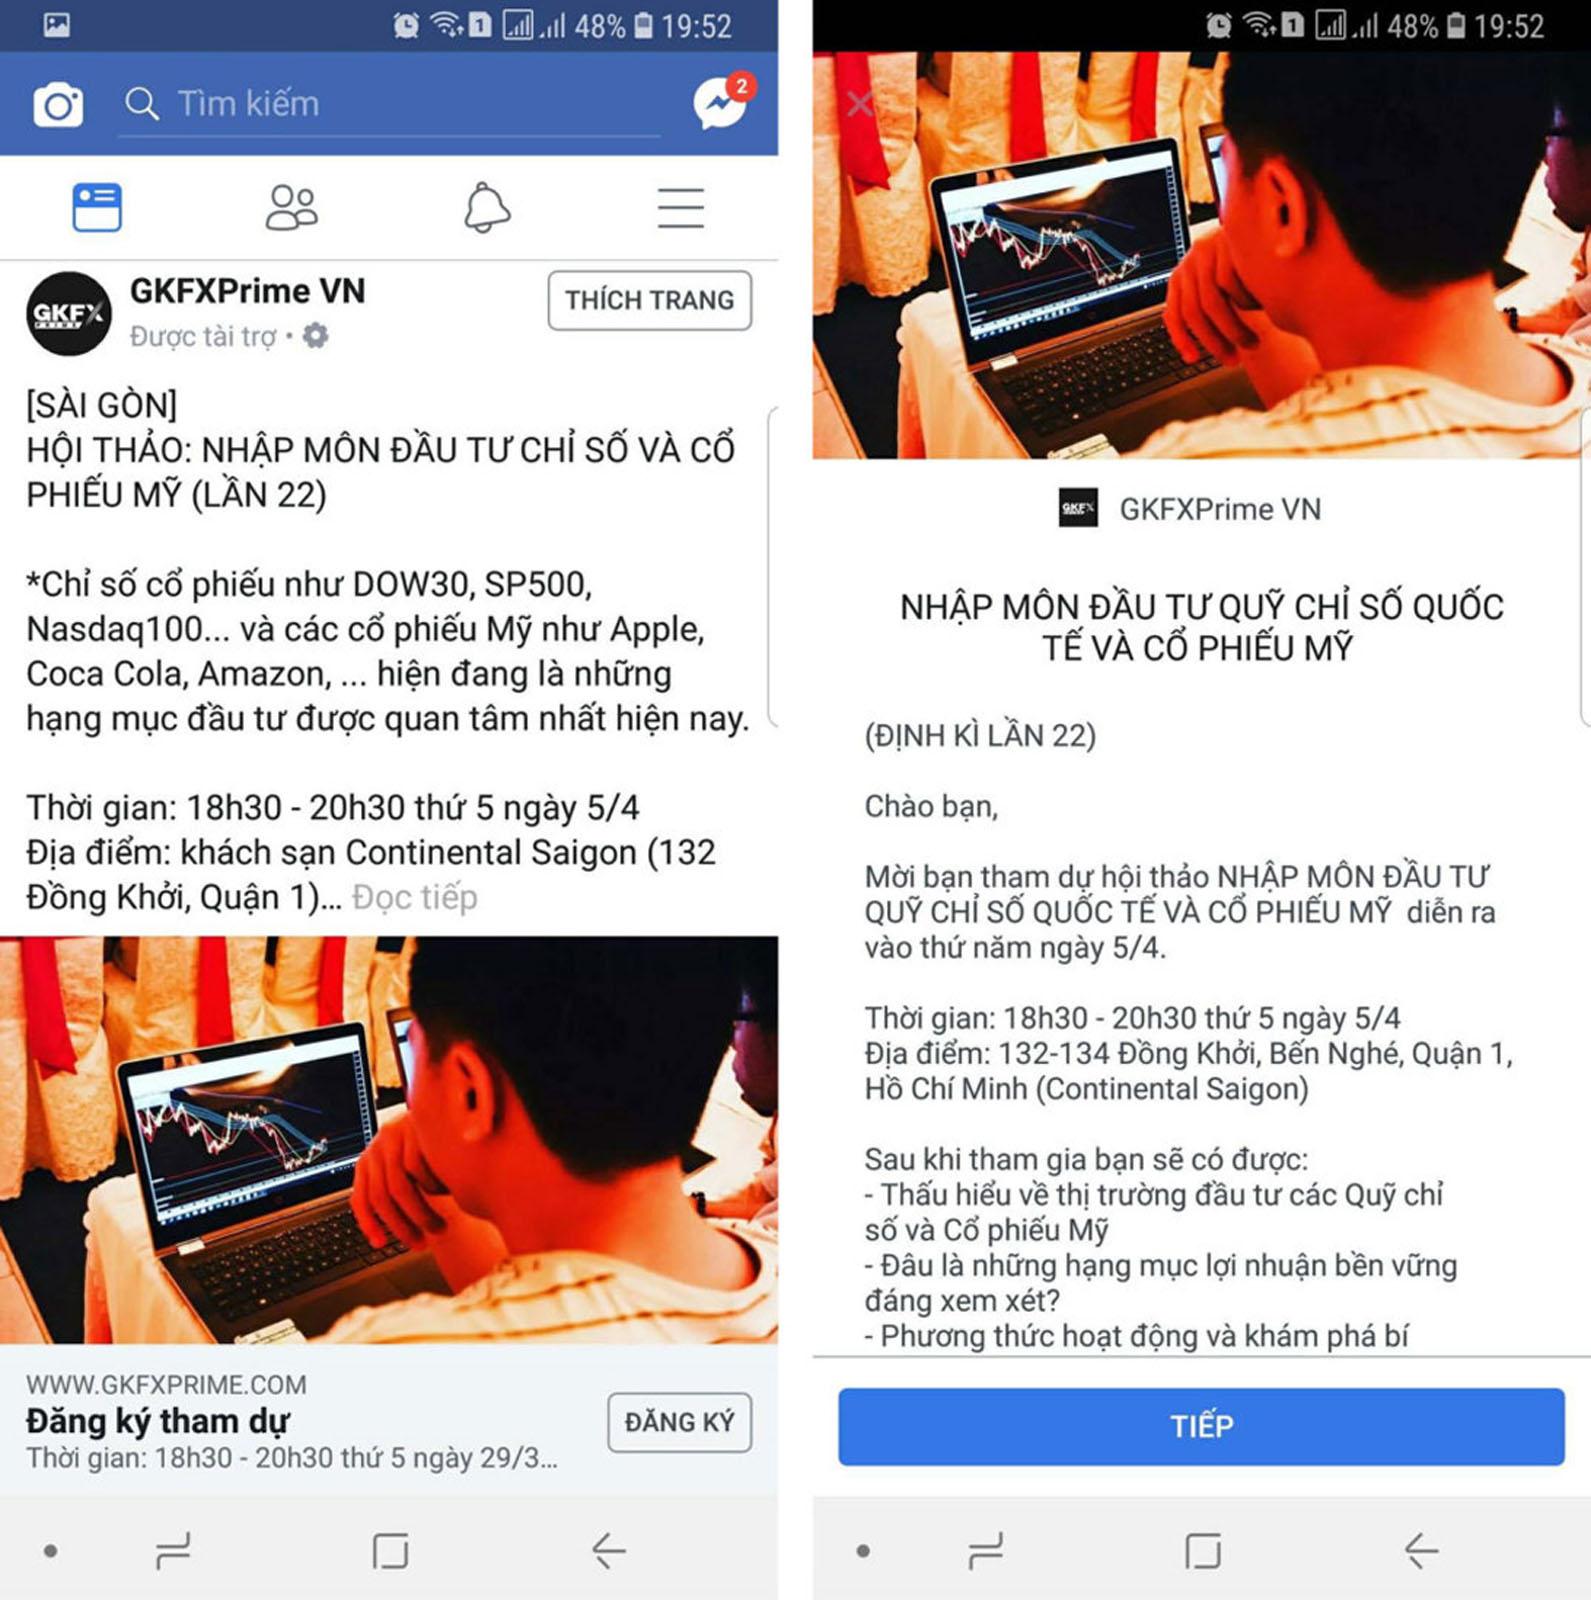 Các hình thức quảng cáo Facebook Sale & Khách hàng tiềm năng